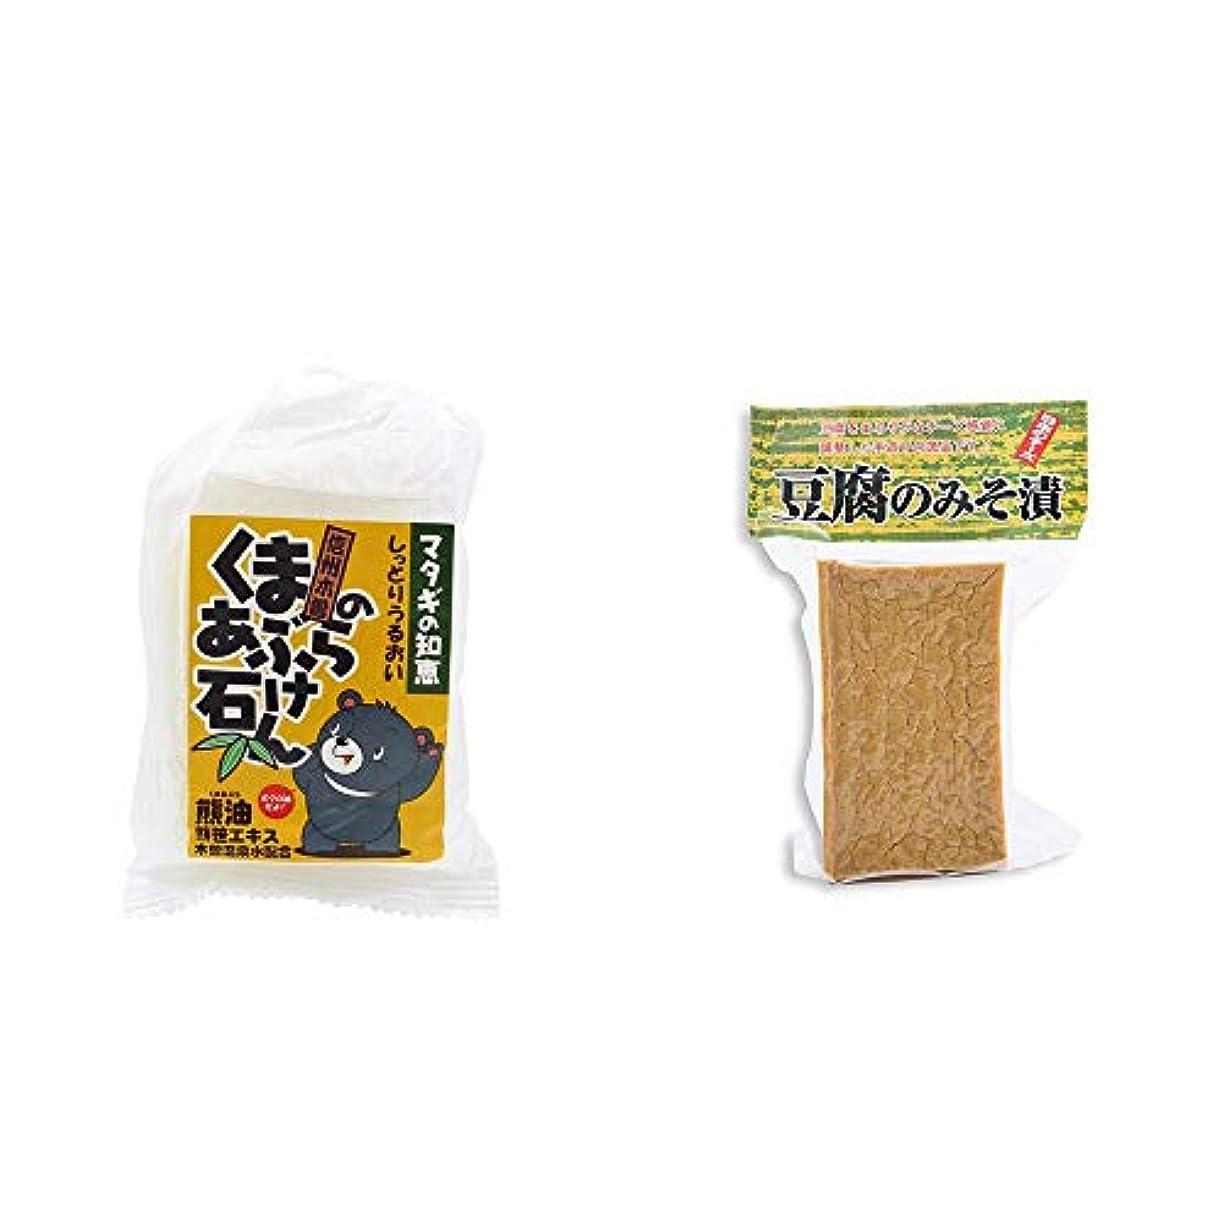 文明化する同一のかもしれない[2点セット] 信州木曽 くまのあぶら石けん(80g)?日本のチーズ 豆腐のみそ漬(1個入)